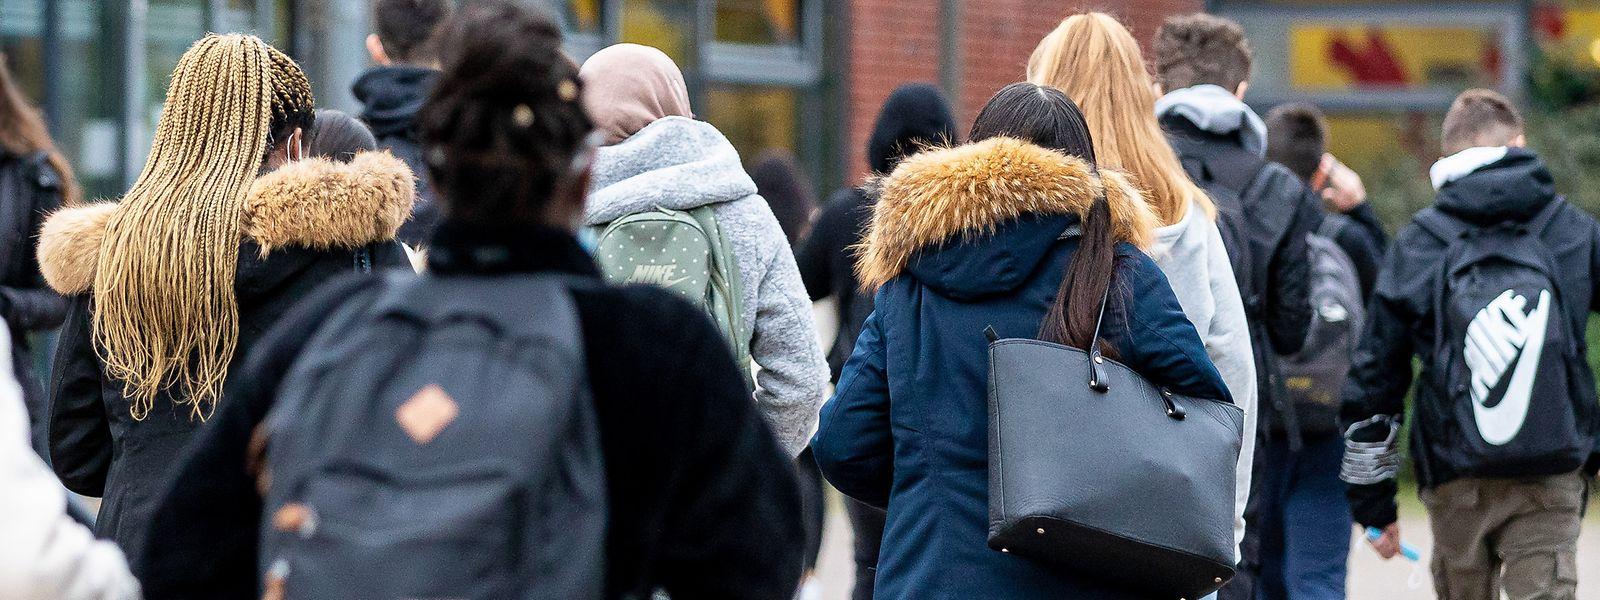 In den vergangenen Wochen wurde immer häufiger kritisiert, dass die Schülerbusse überfüllt seien. Nun reagiert die Regierung.